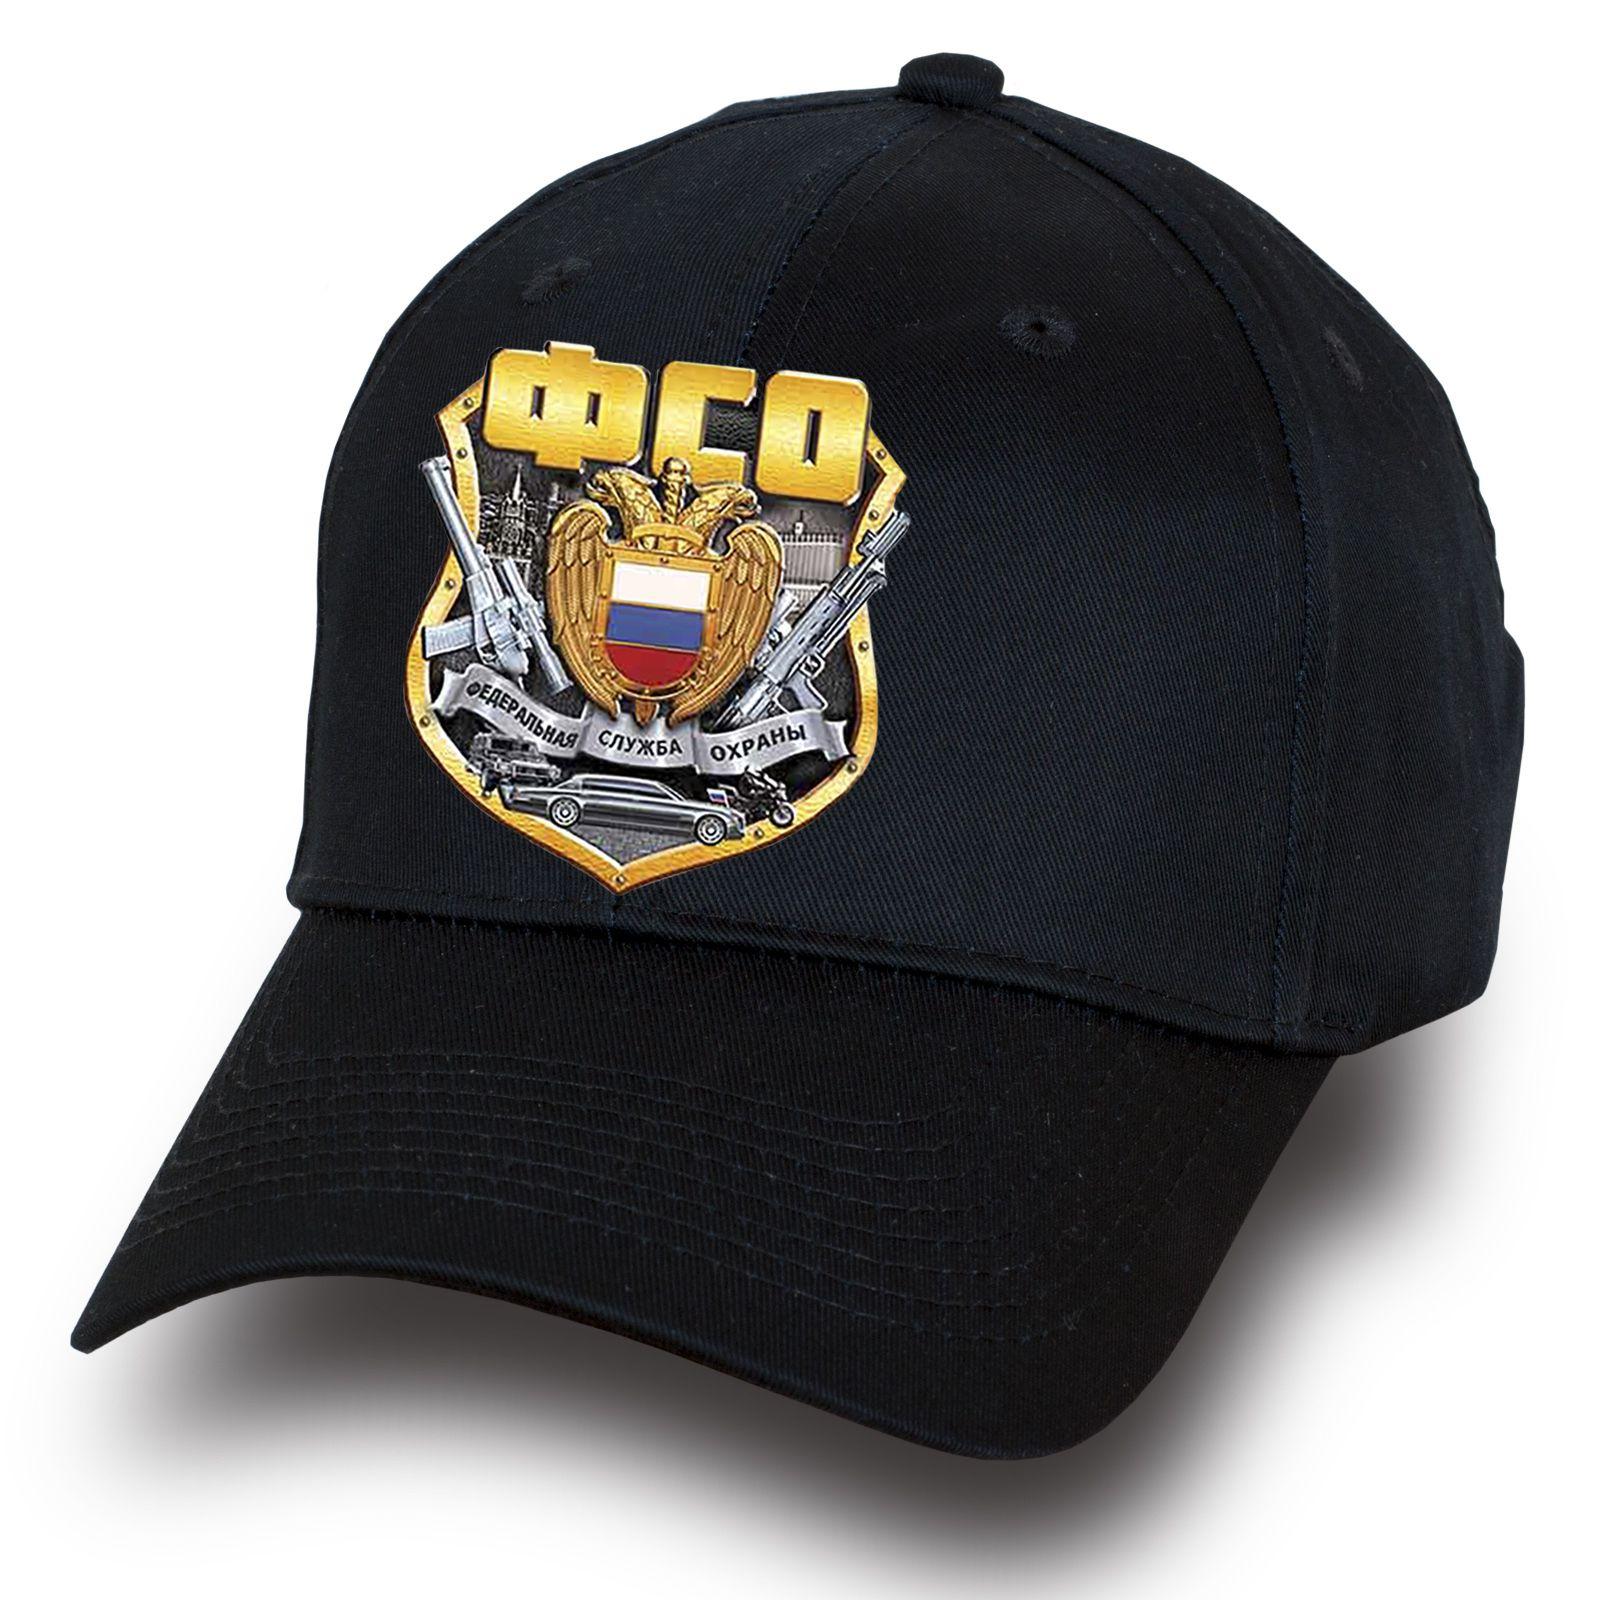 """Бейсболка """"Федеральная служба охраны"""" - купить недорого онлайн"""